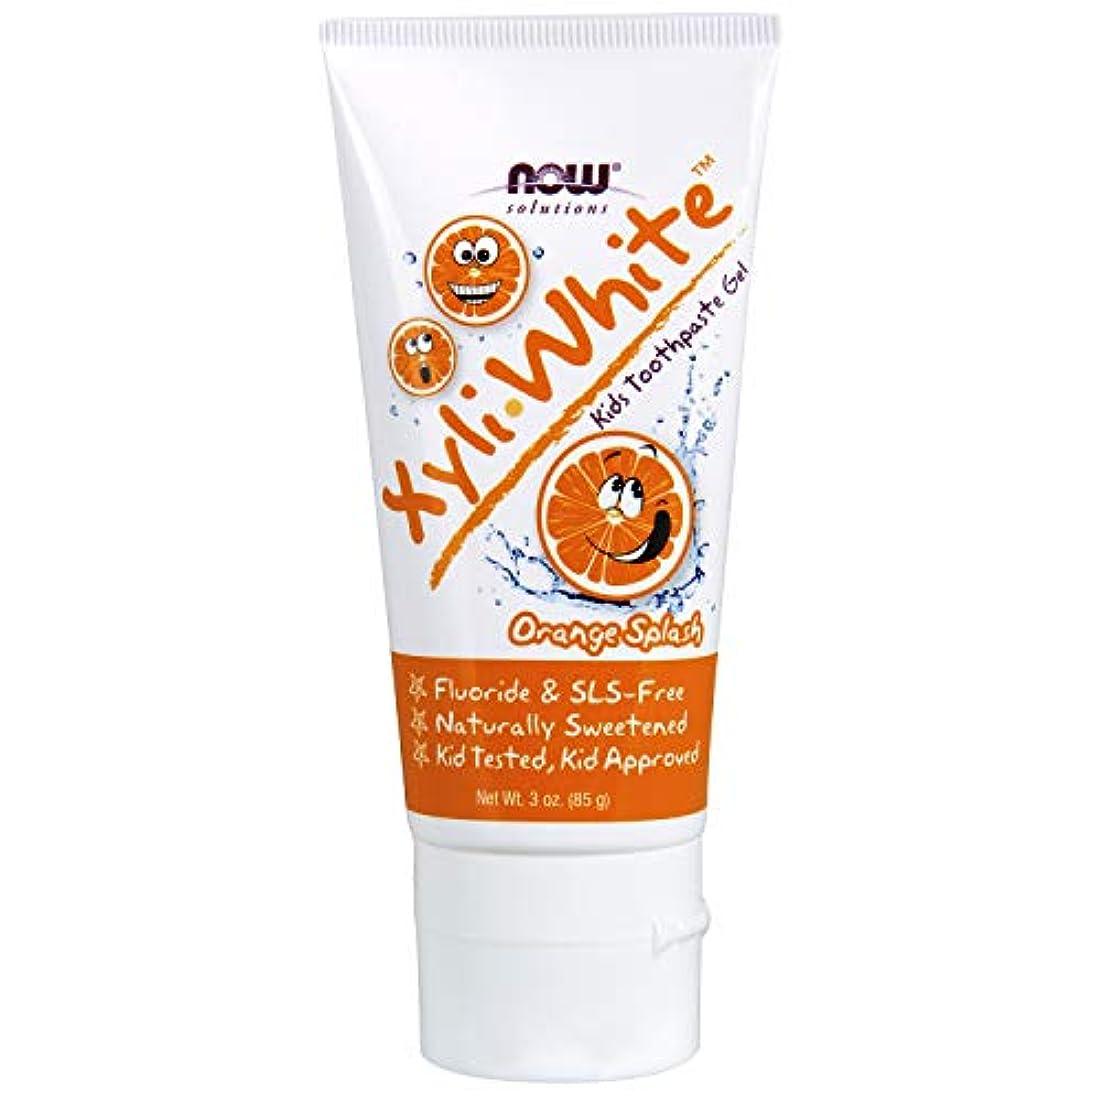 前文楽なハードウェア子供用 キシリホワイト オレンジスプラッシュ 歯磨き粉ジェル 85g/3オンス 並行輸入品 XyliWhite™ Orange Splash Toothpaste Gel for Kids - 3 oz. 海外直送品